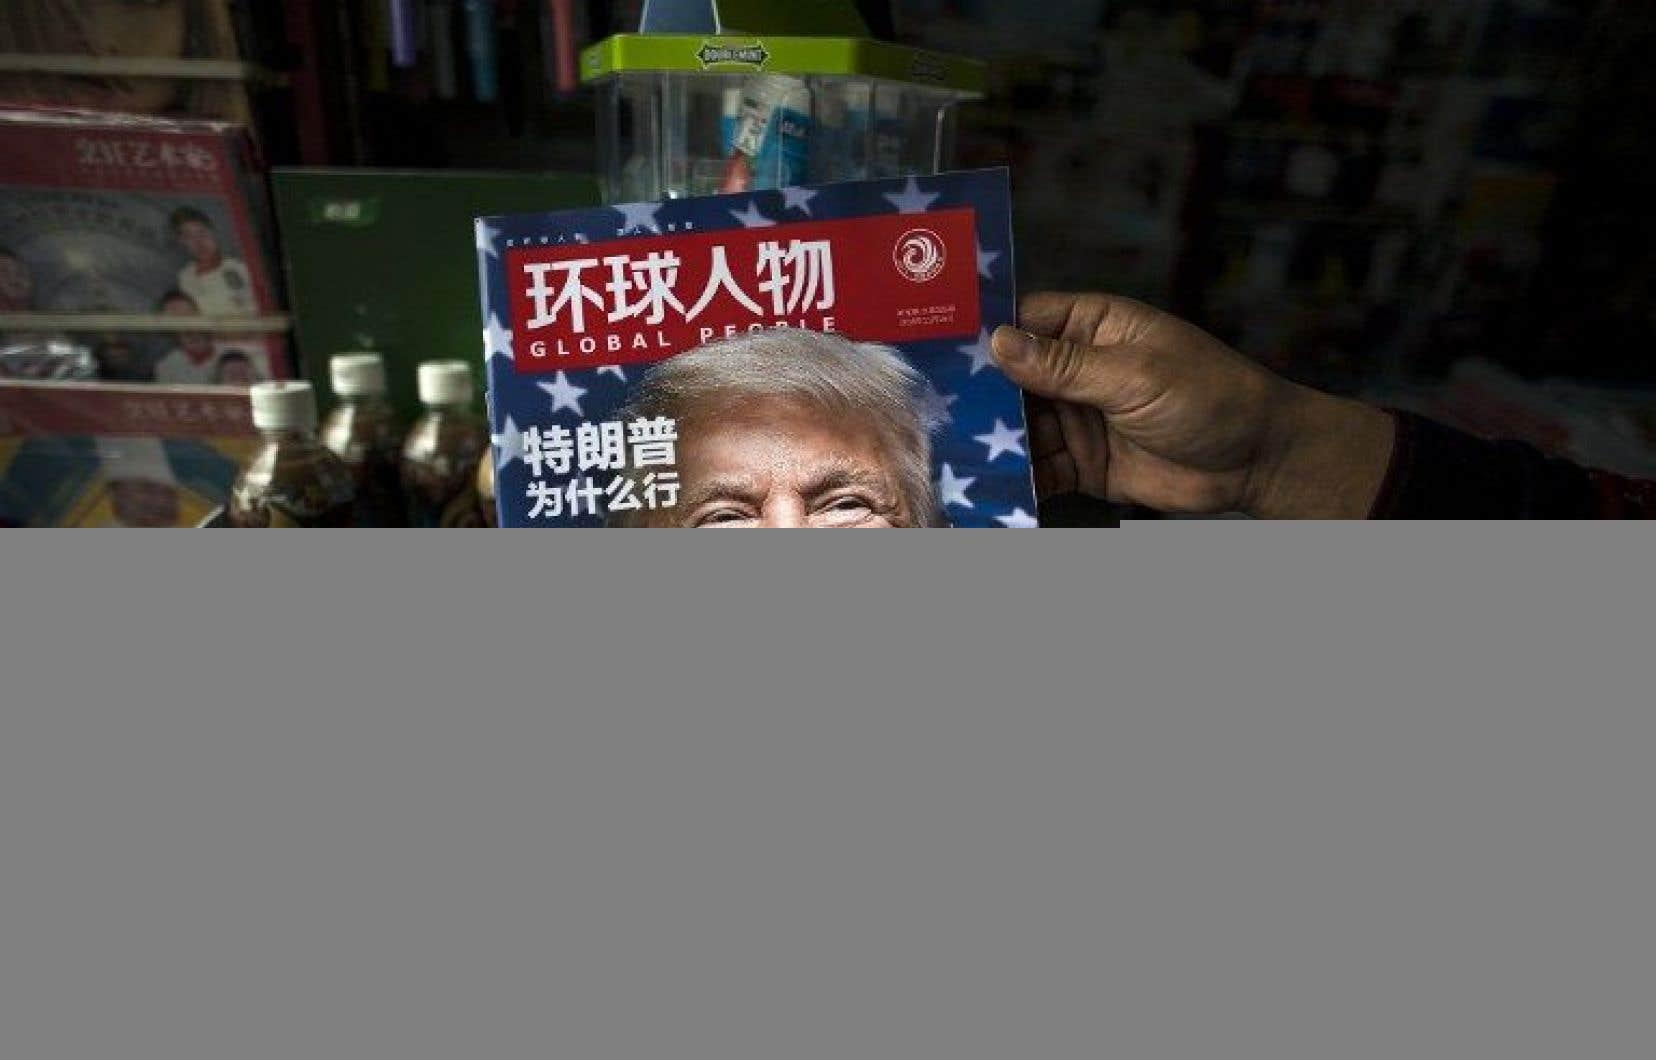 Les médias d'État chinois, eux, sont restés quasi-muets jusqu'à samedi soir sur l'appel controversé.